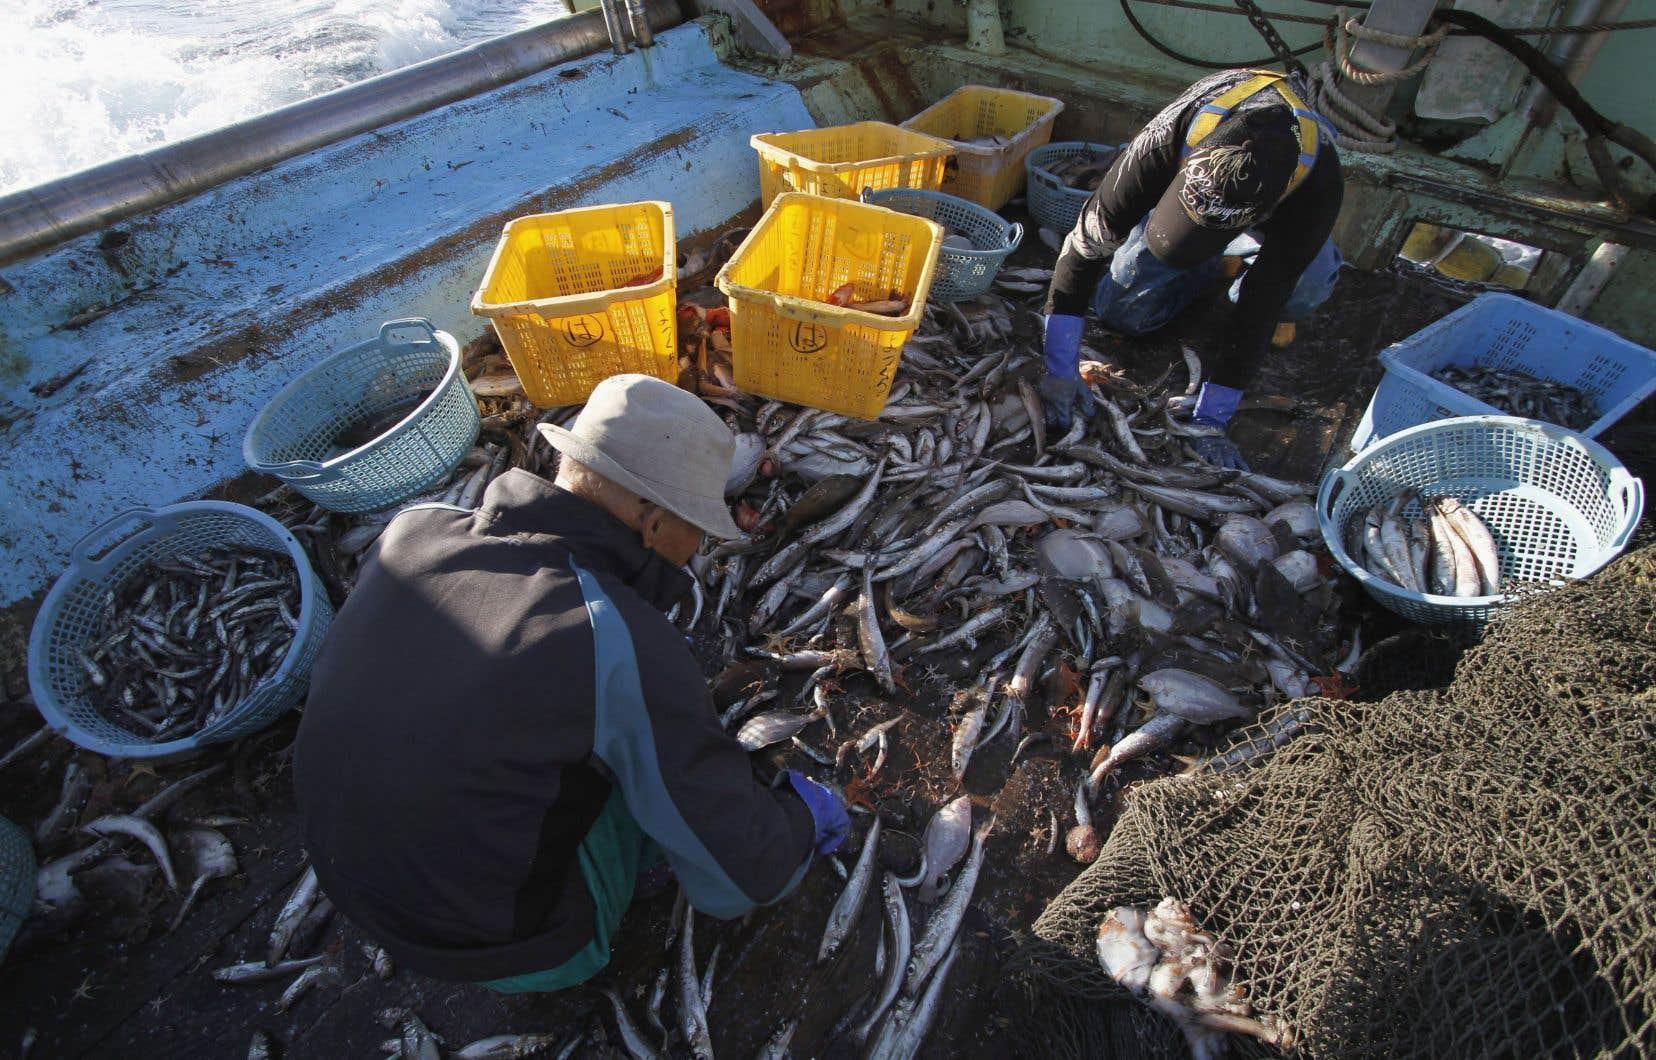 La pêche électrique est interdite en Europe depuis 1998, mais elle bénéficie cependant de dérogations depuis 2007, à titre expérimental.